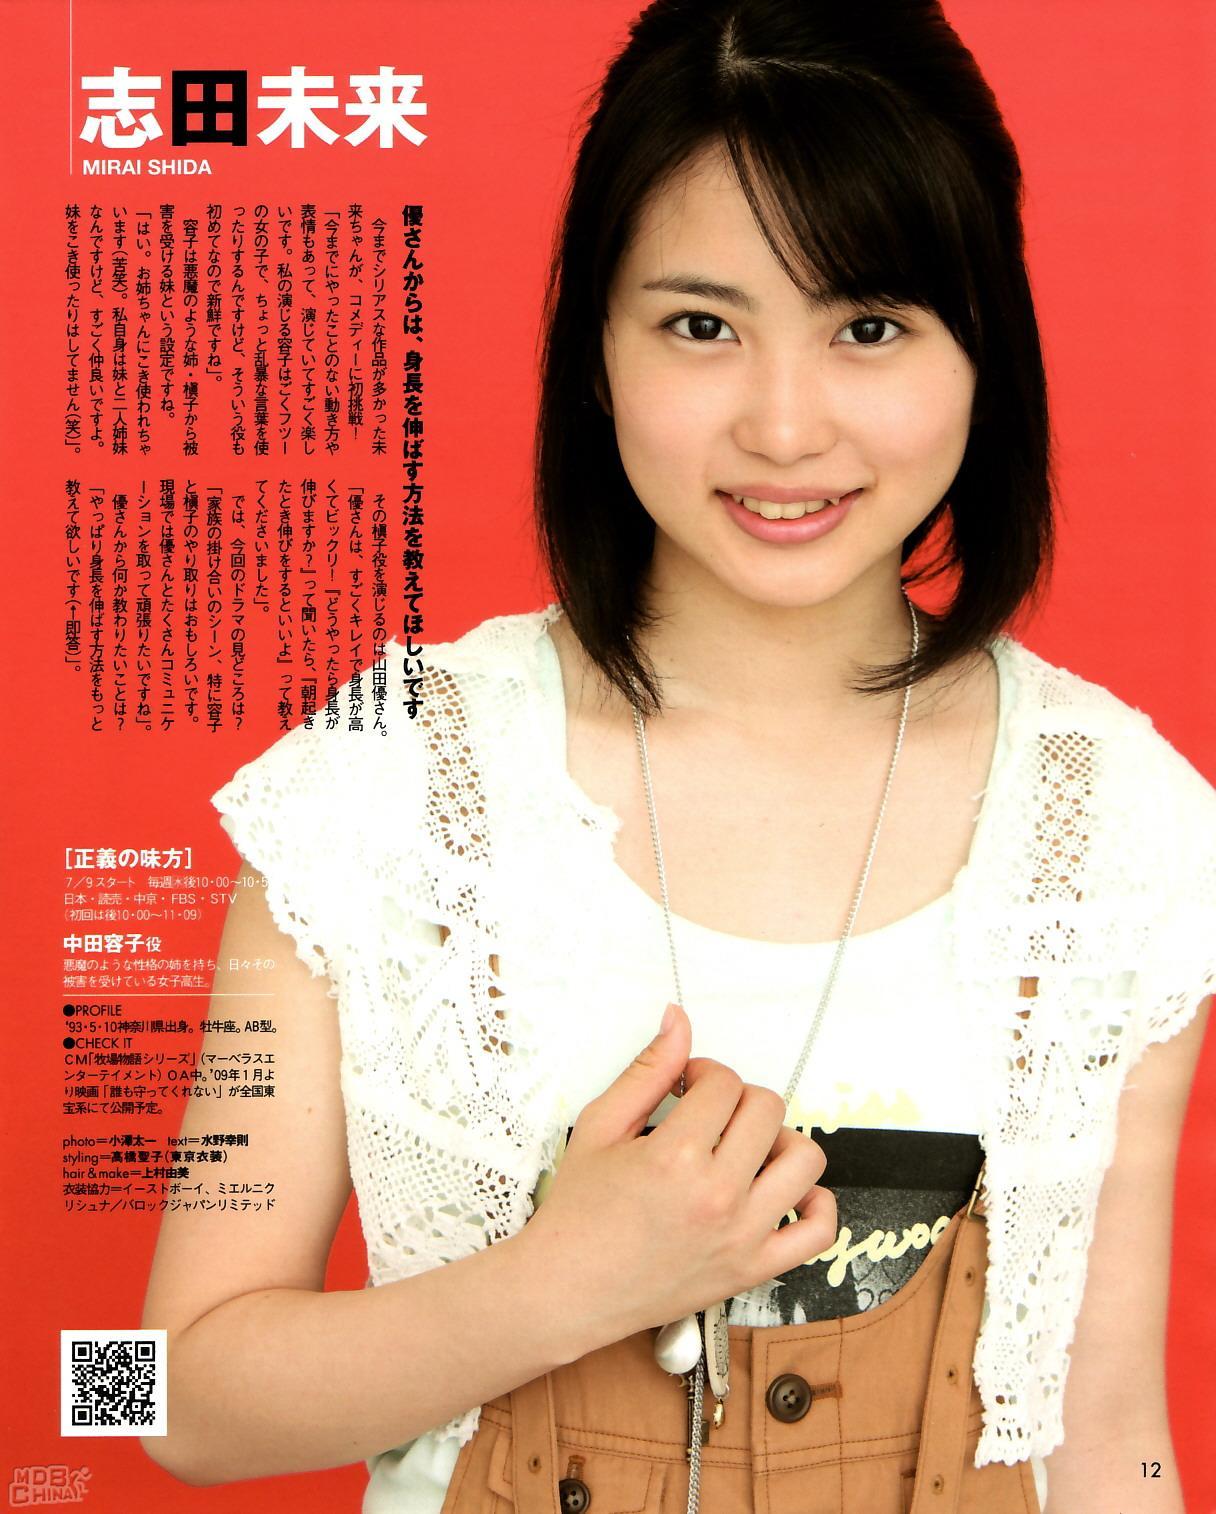 Shida mirai kamiki ryunosuke dating site 3